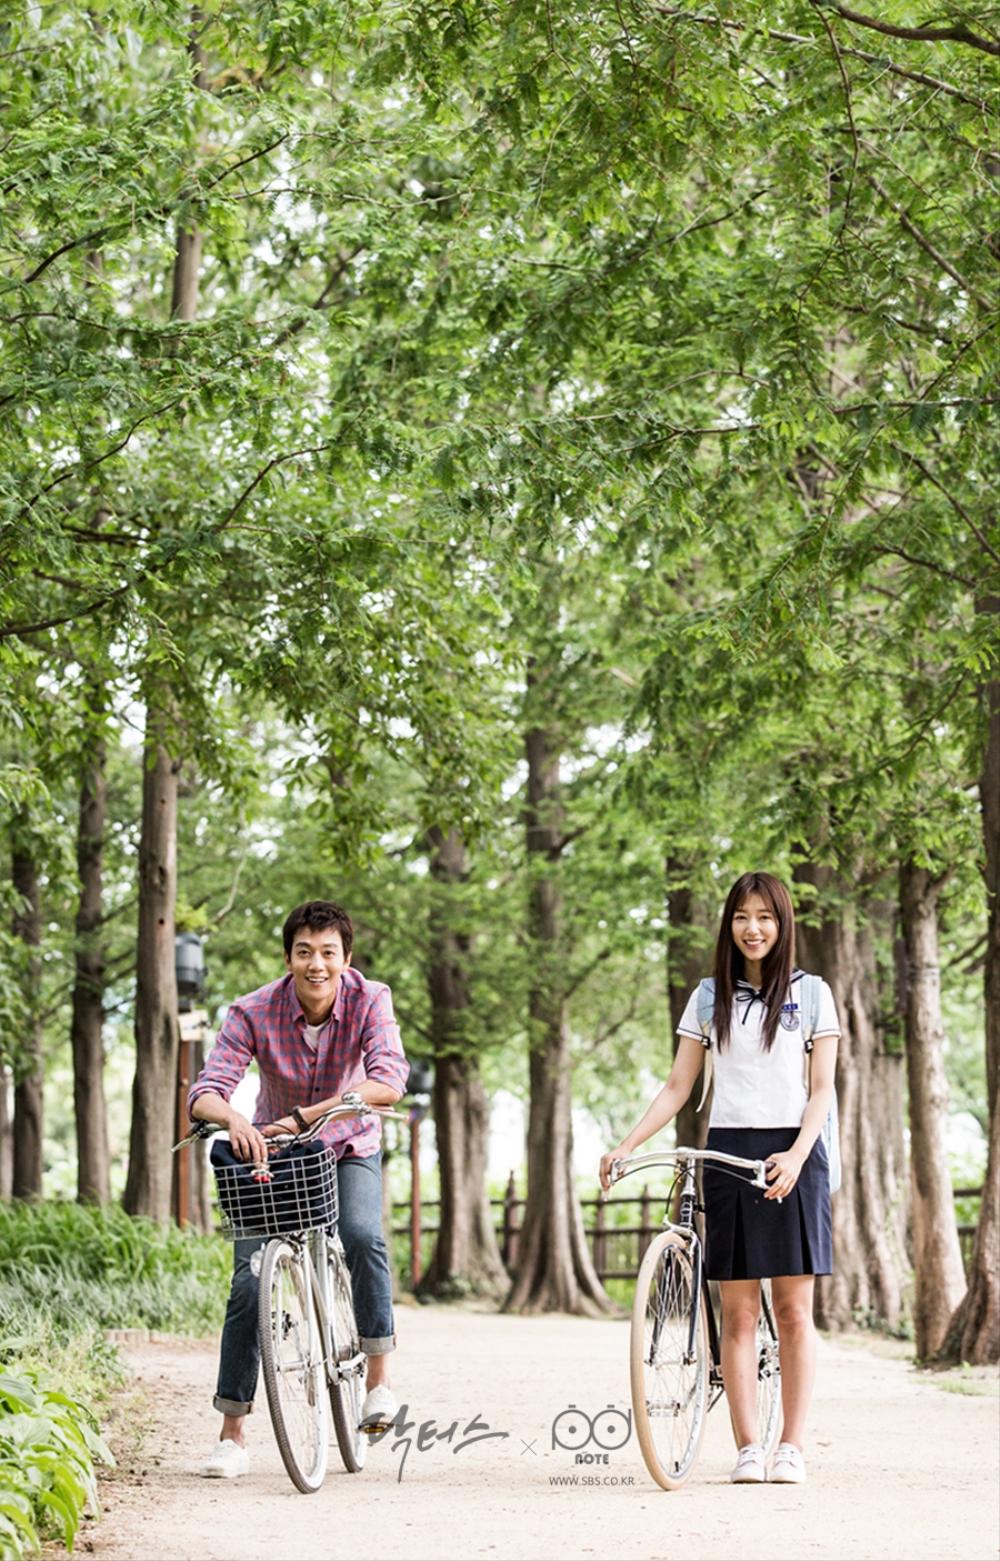 닥터스 포토스케치 호수 공원 길에서 앞을 보며 서 있는 김래원 박신혜